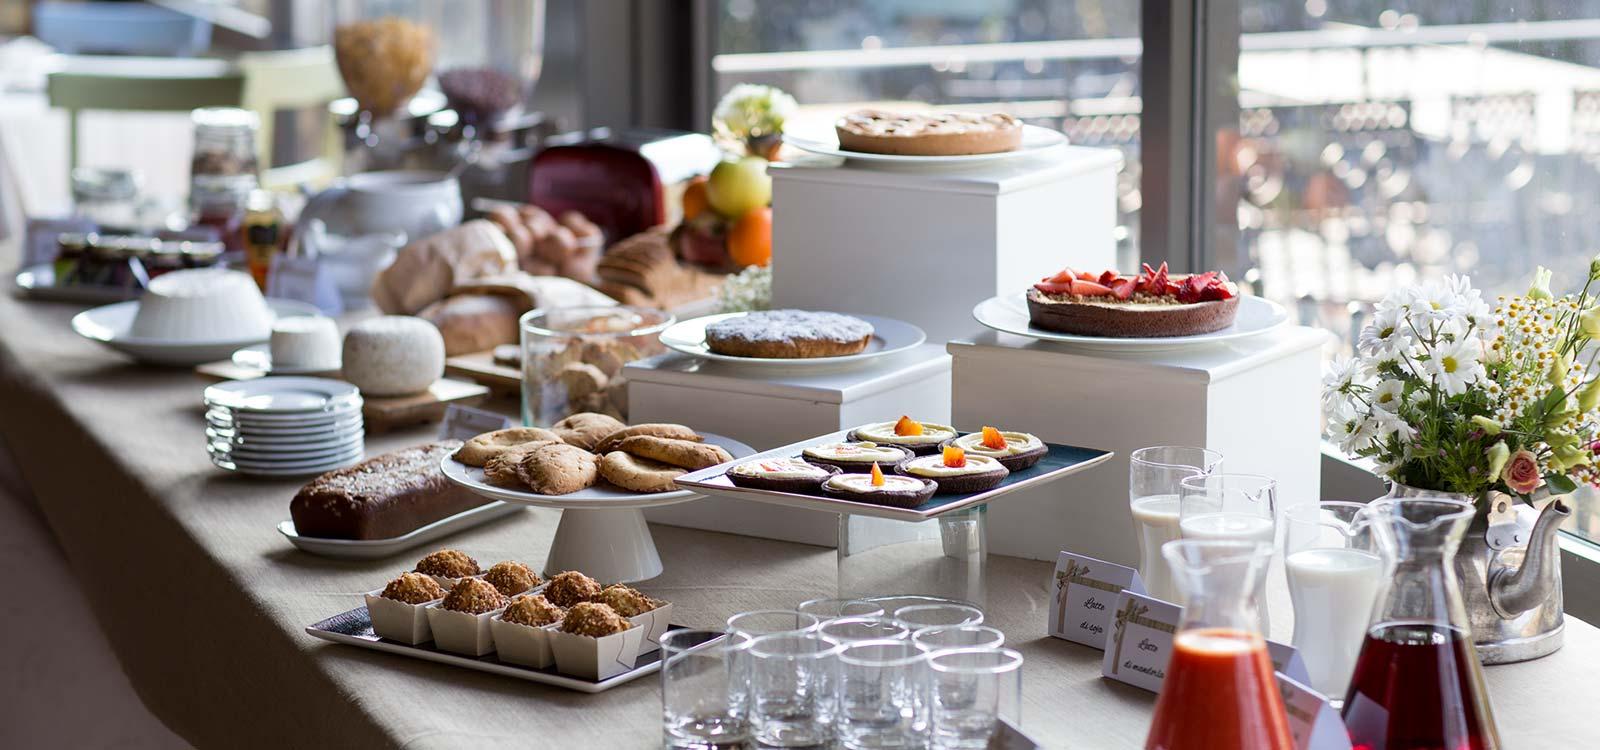 La colazione gourmet al Resort Le Case a Macerata